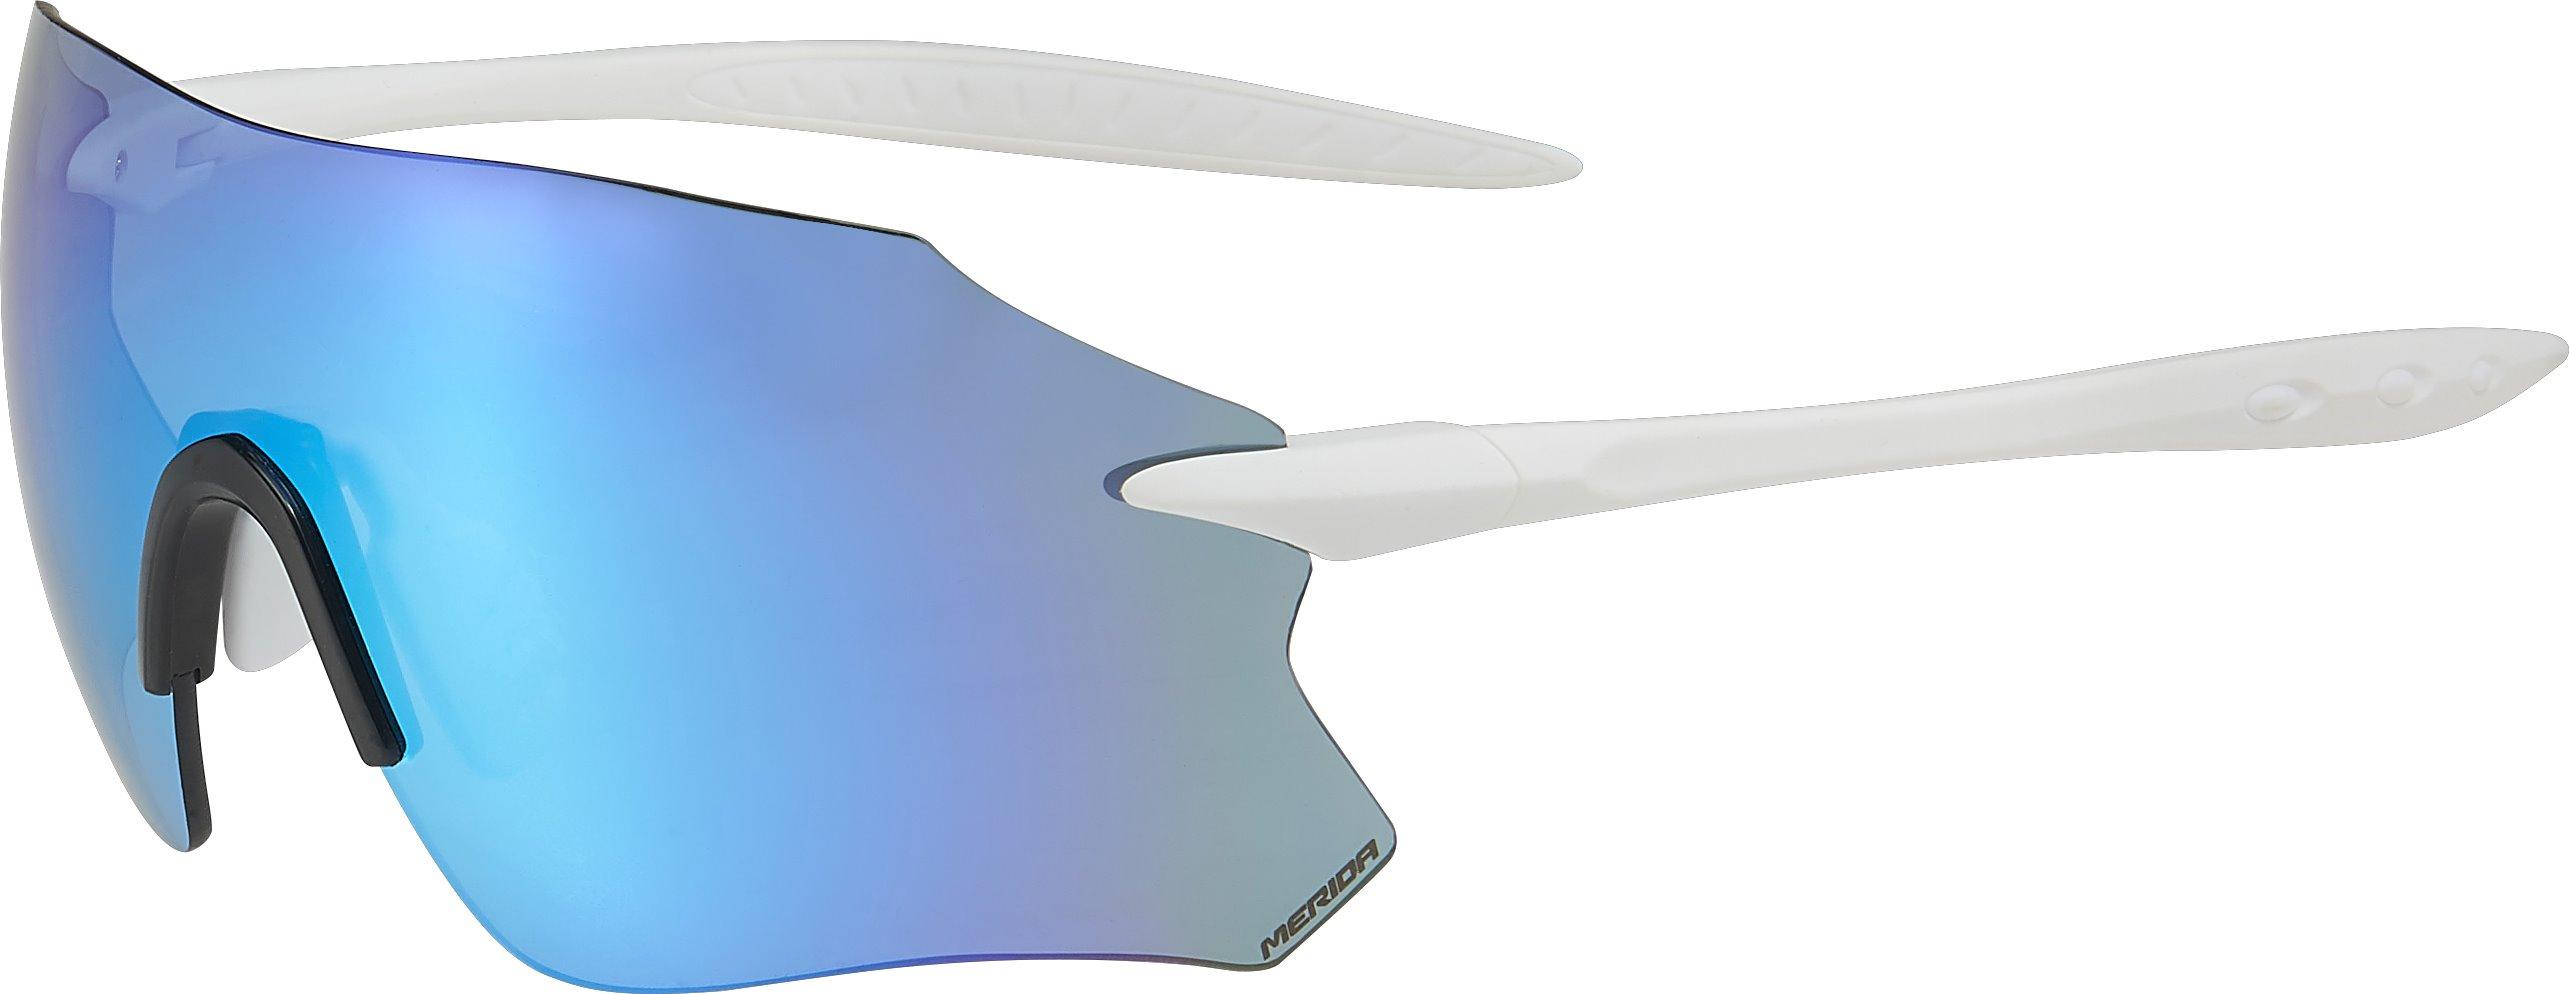 MERIDA - Brýle FRAMELLES 3 bílá/modrá